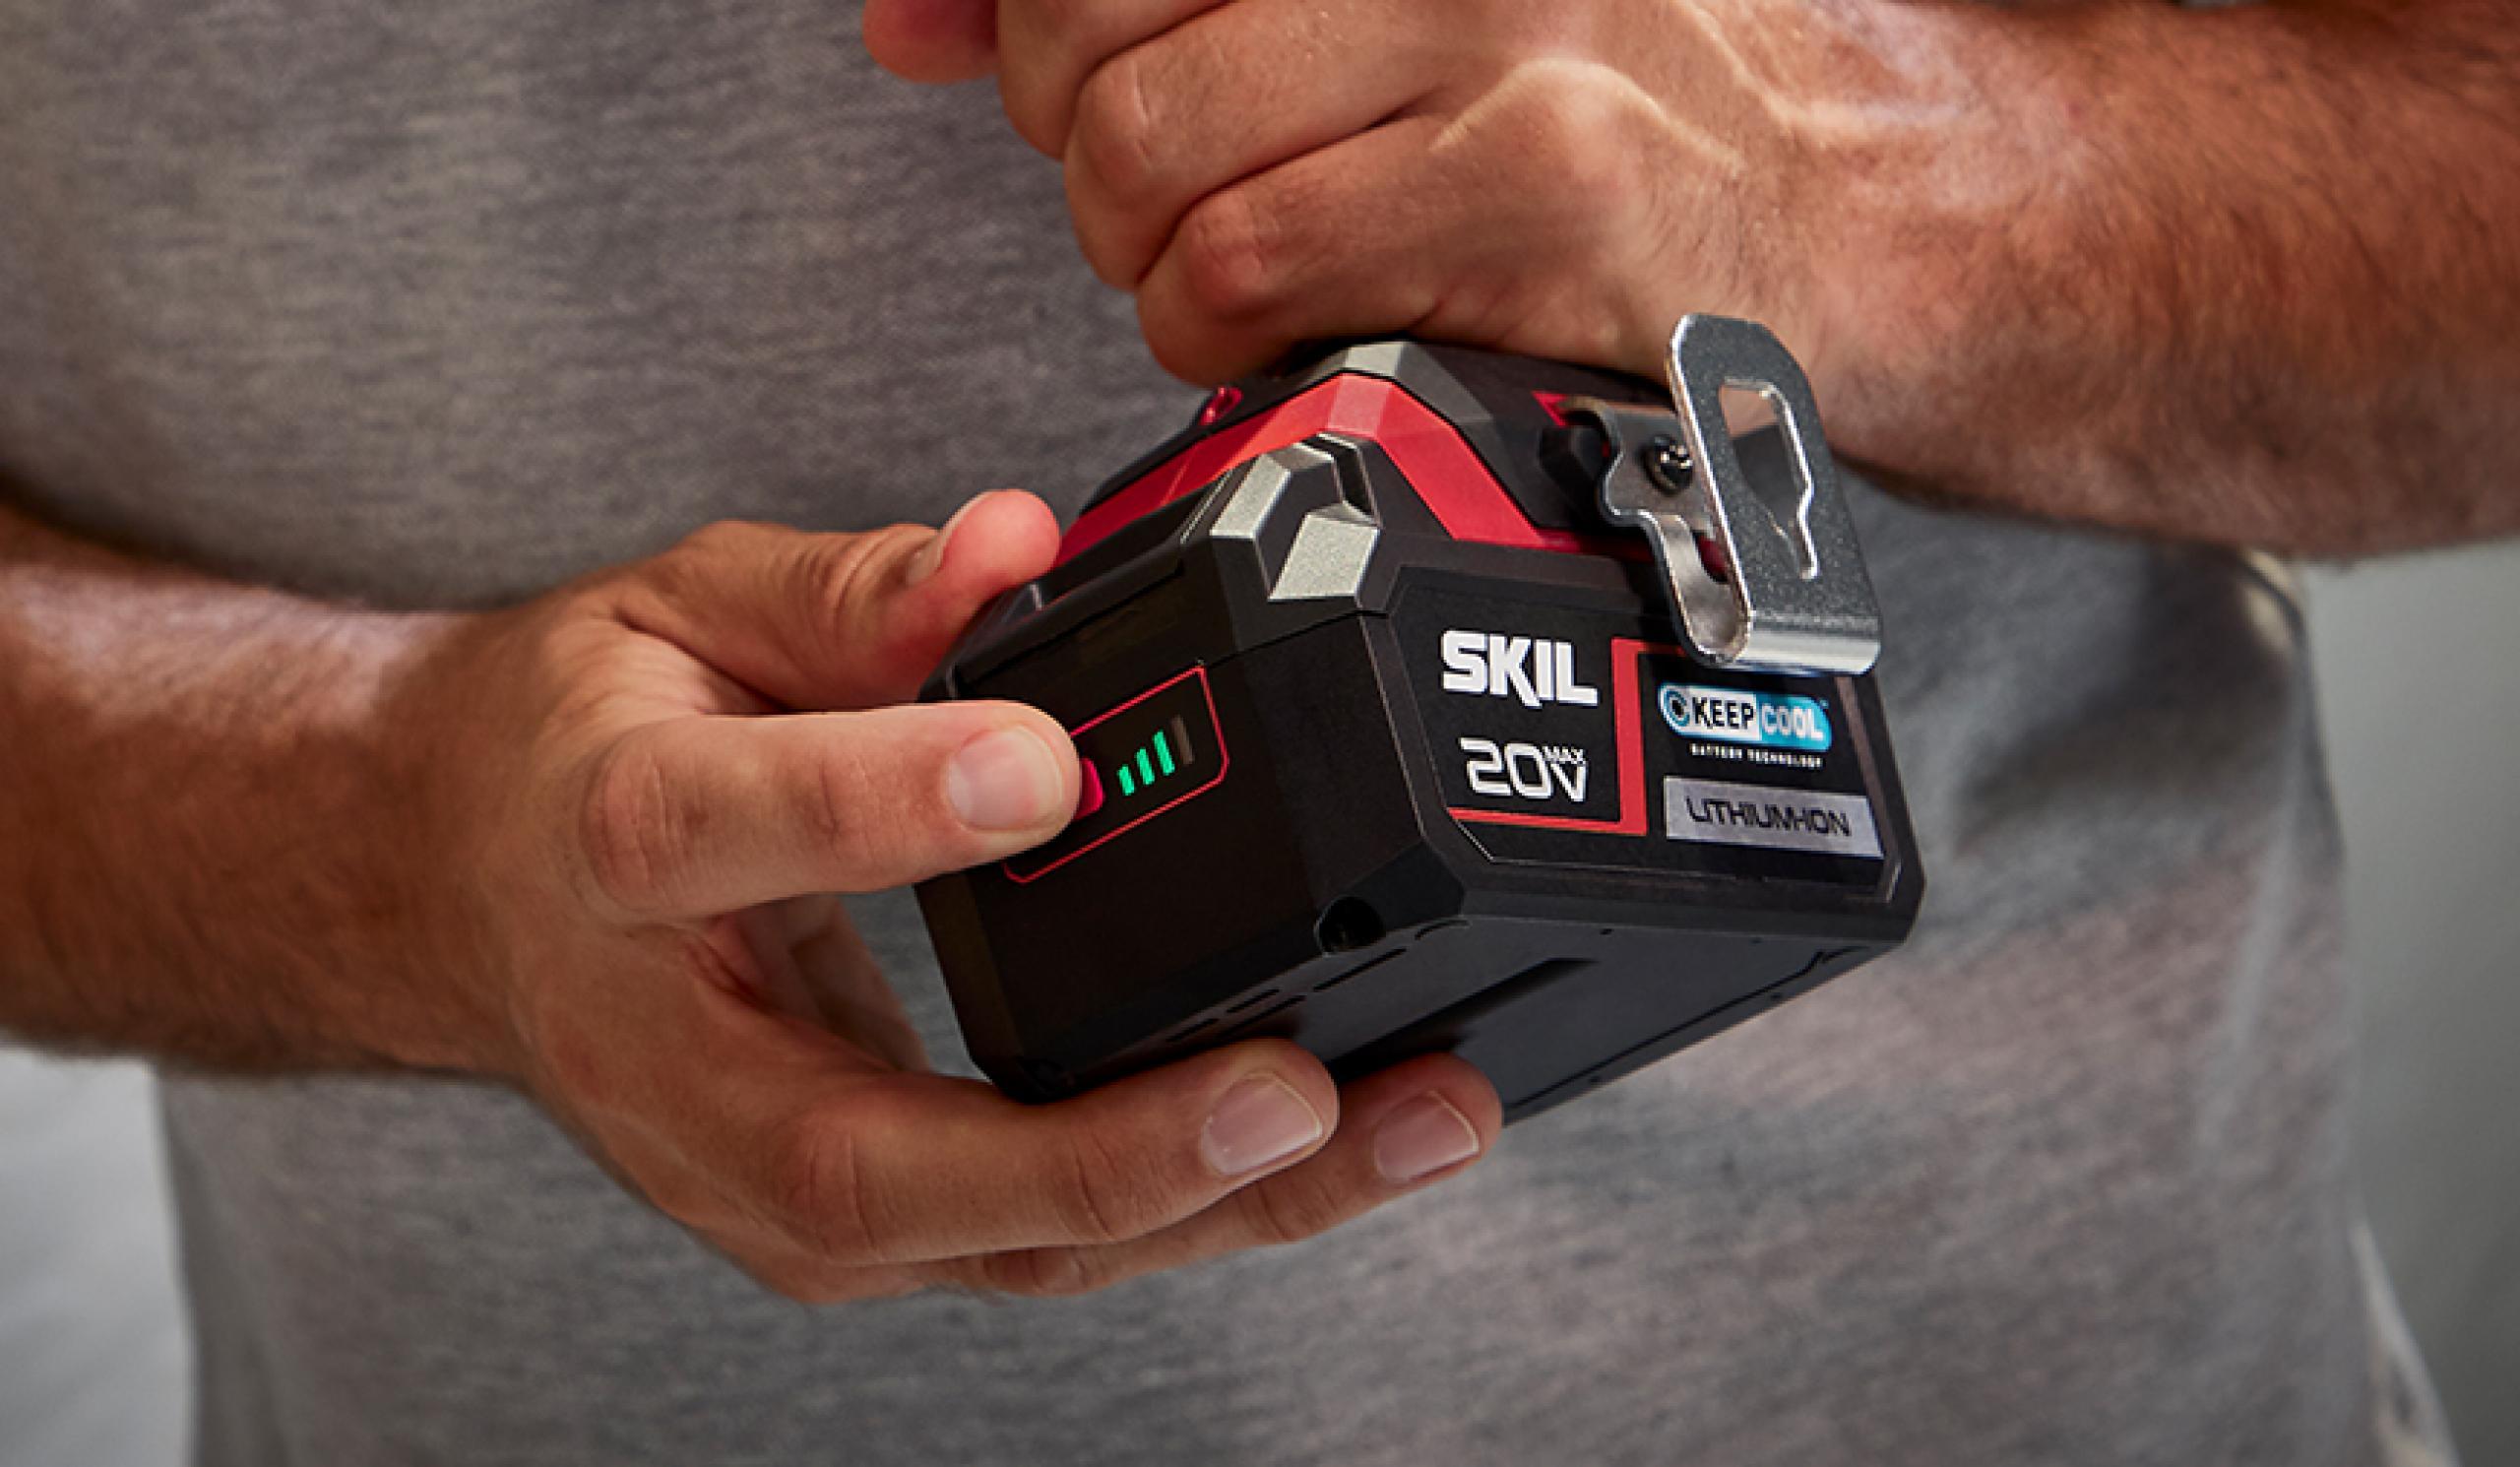 Notre indicateur de charge batterie breveté – vous pouvez vous y fier